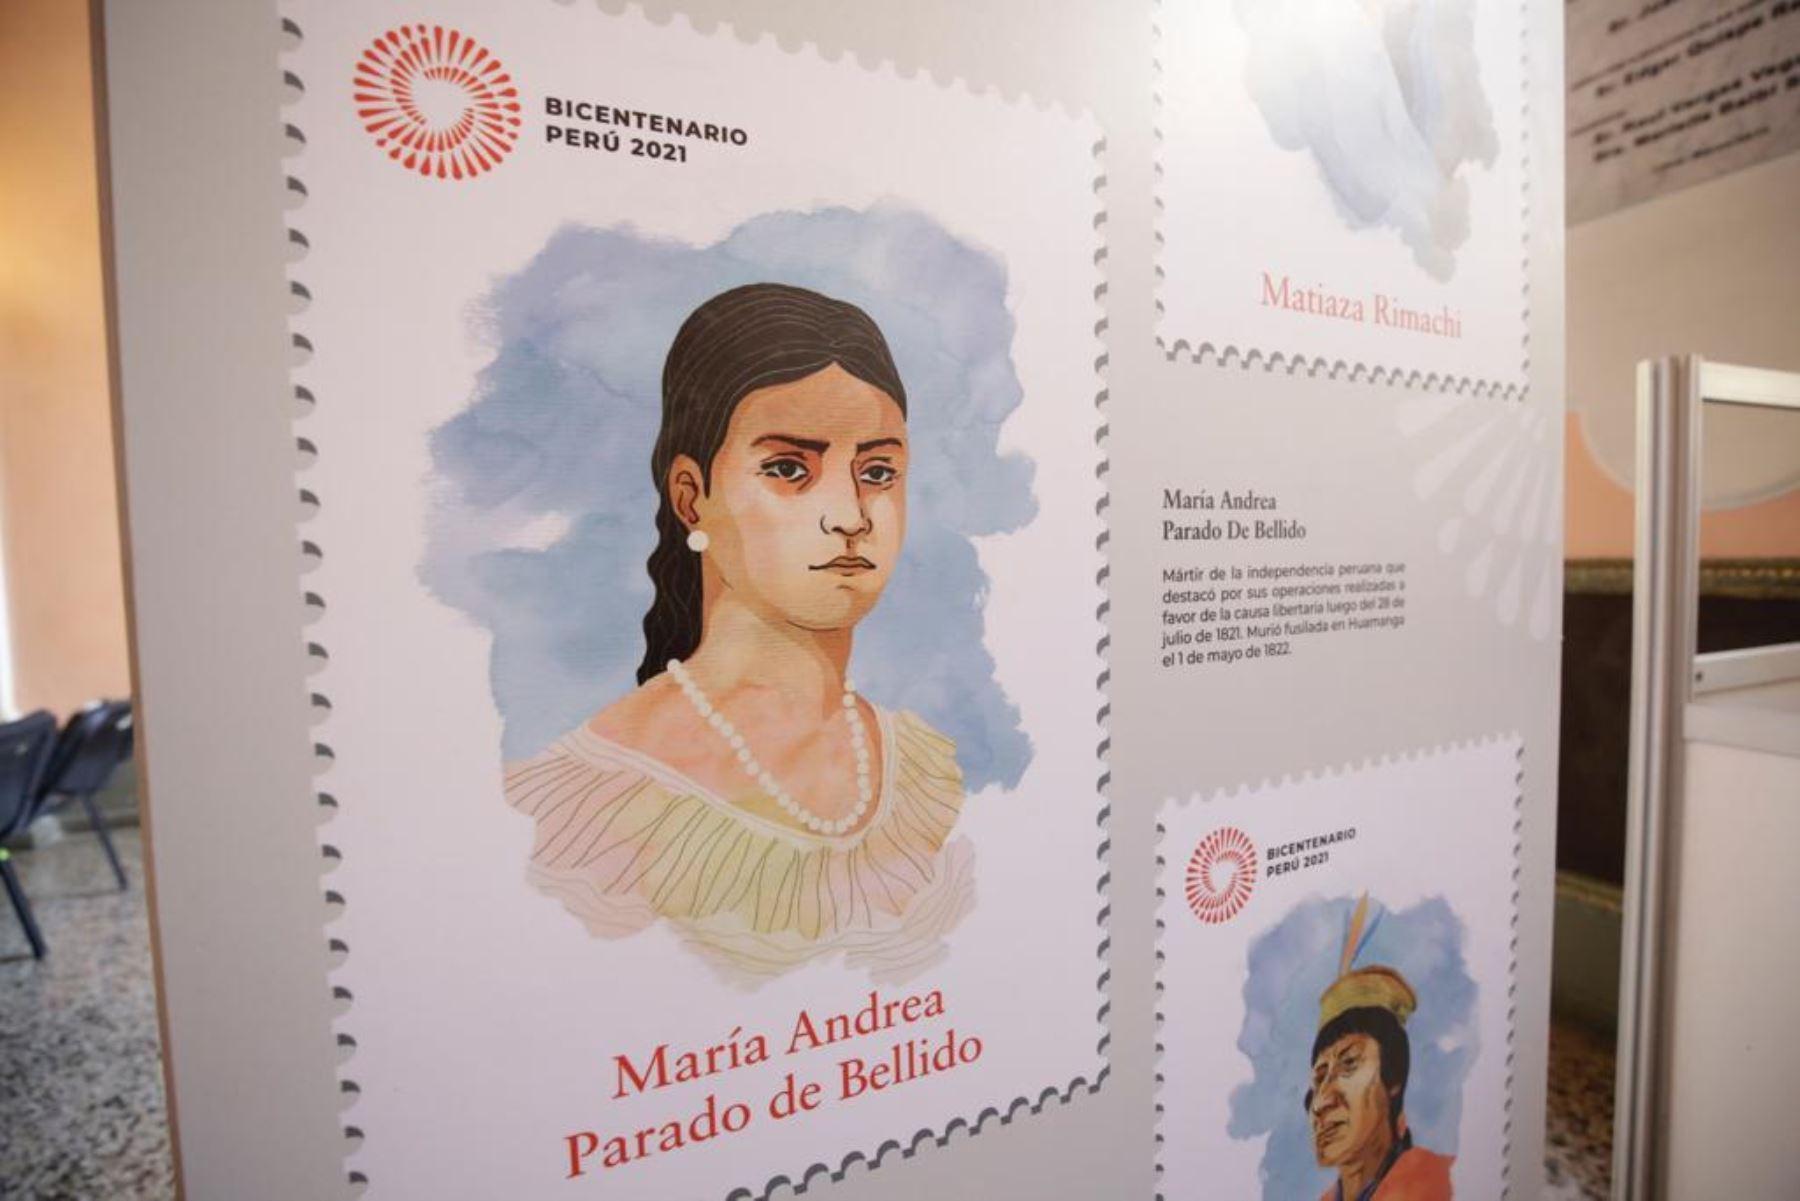 Muestra de algunos de los sellos creados en honor al Bicentenario.